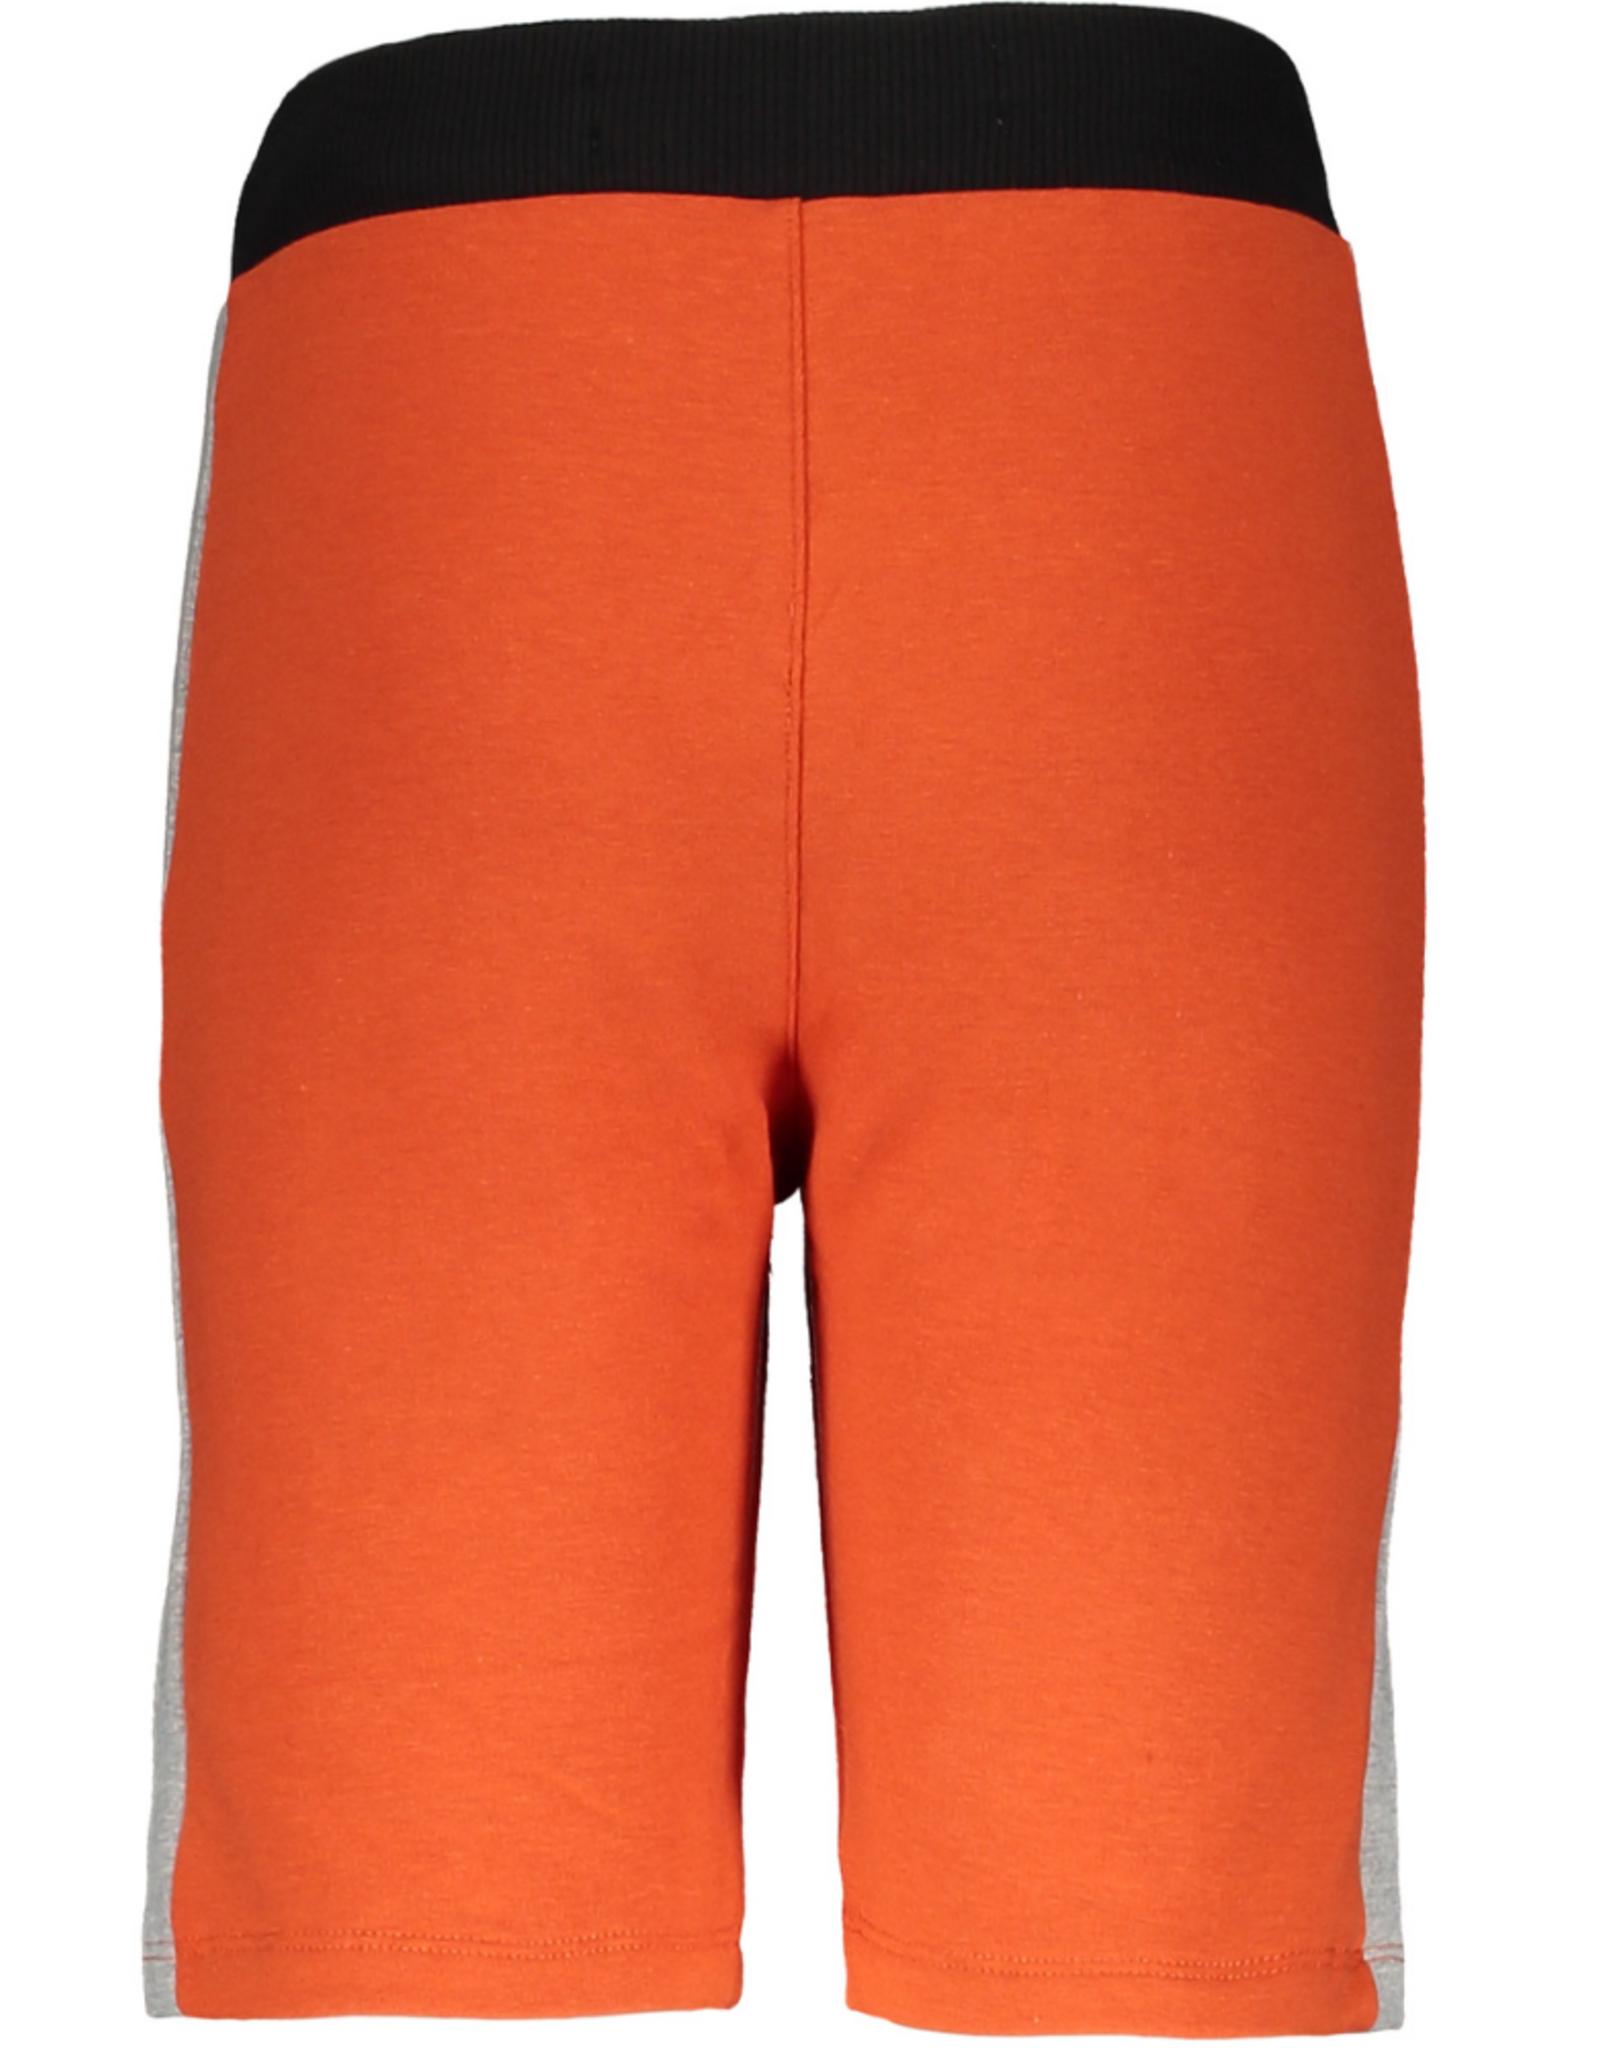 Moodstreet Moodstreet korte broek 6606 orange red